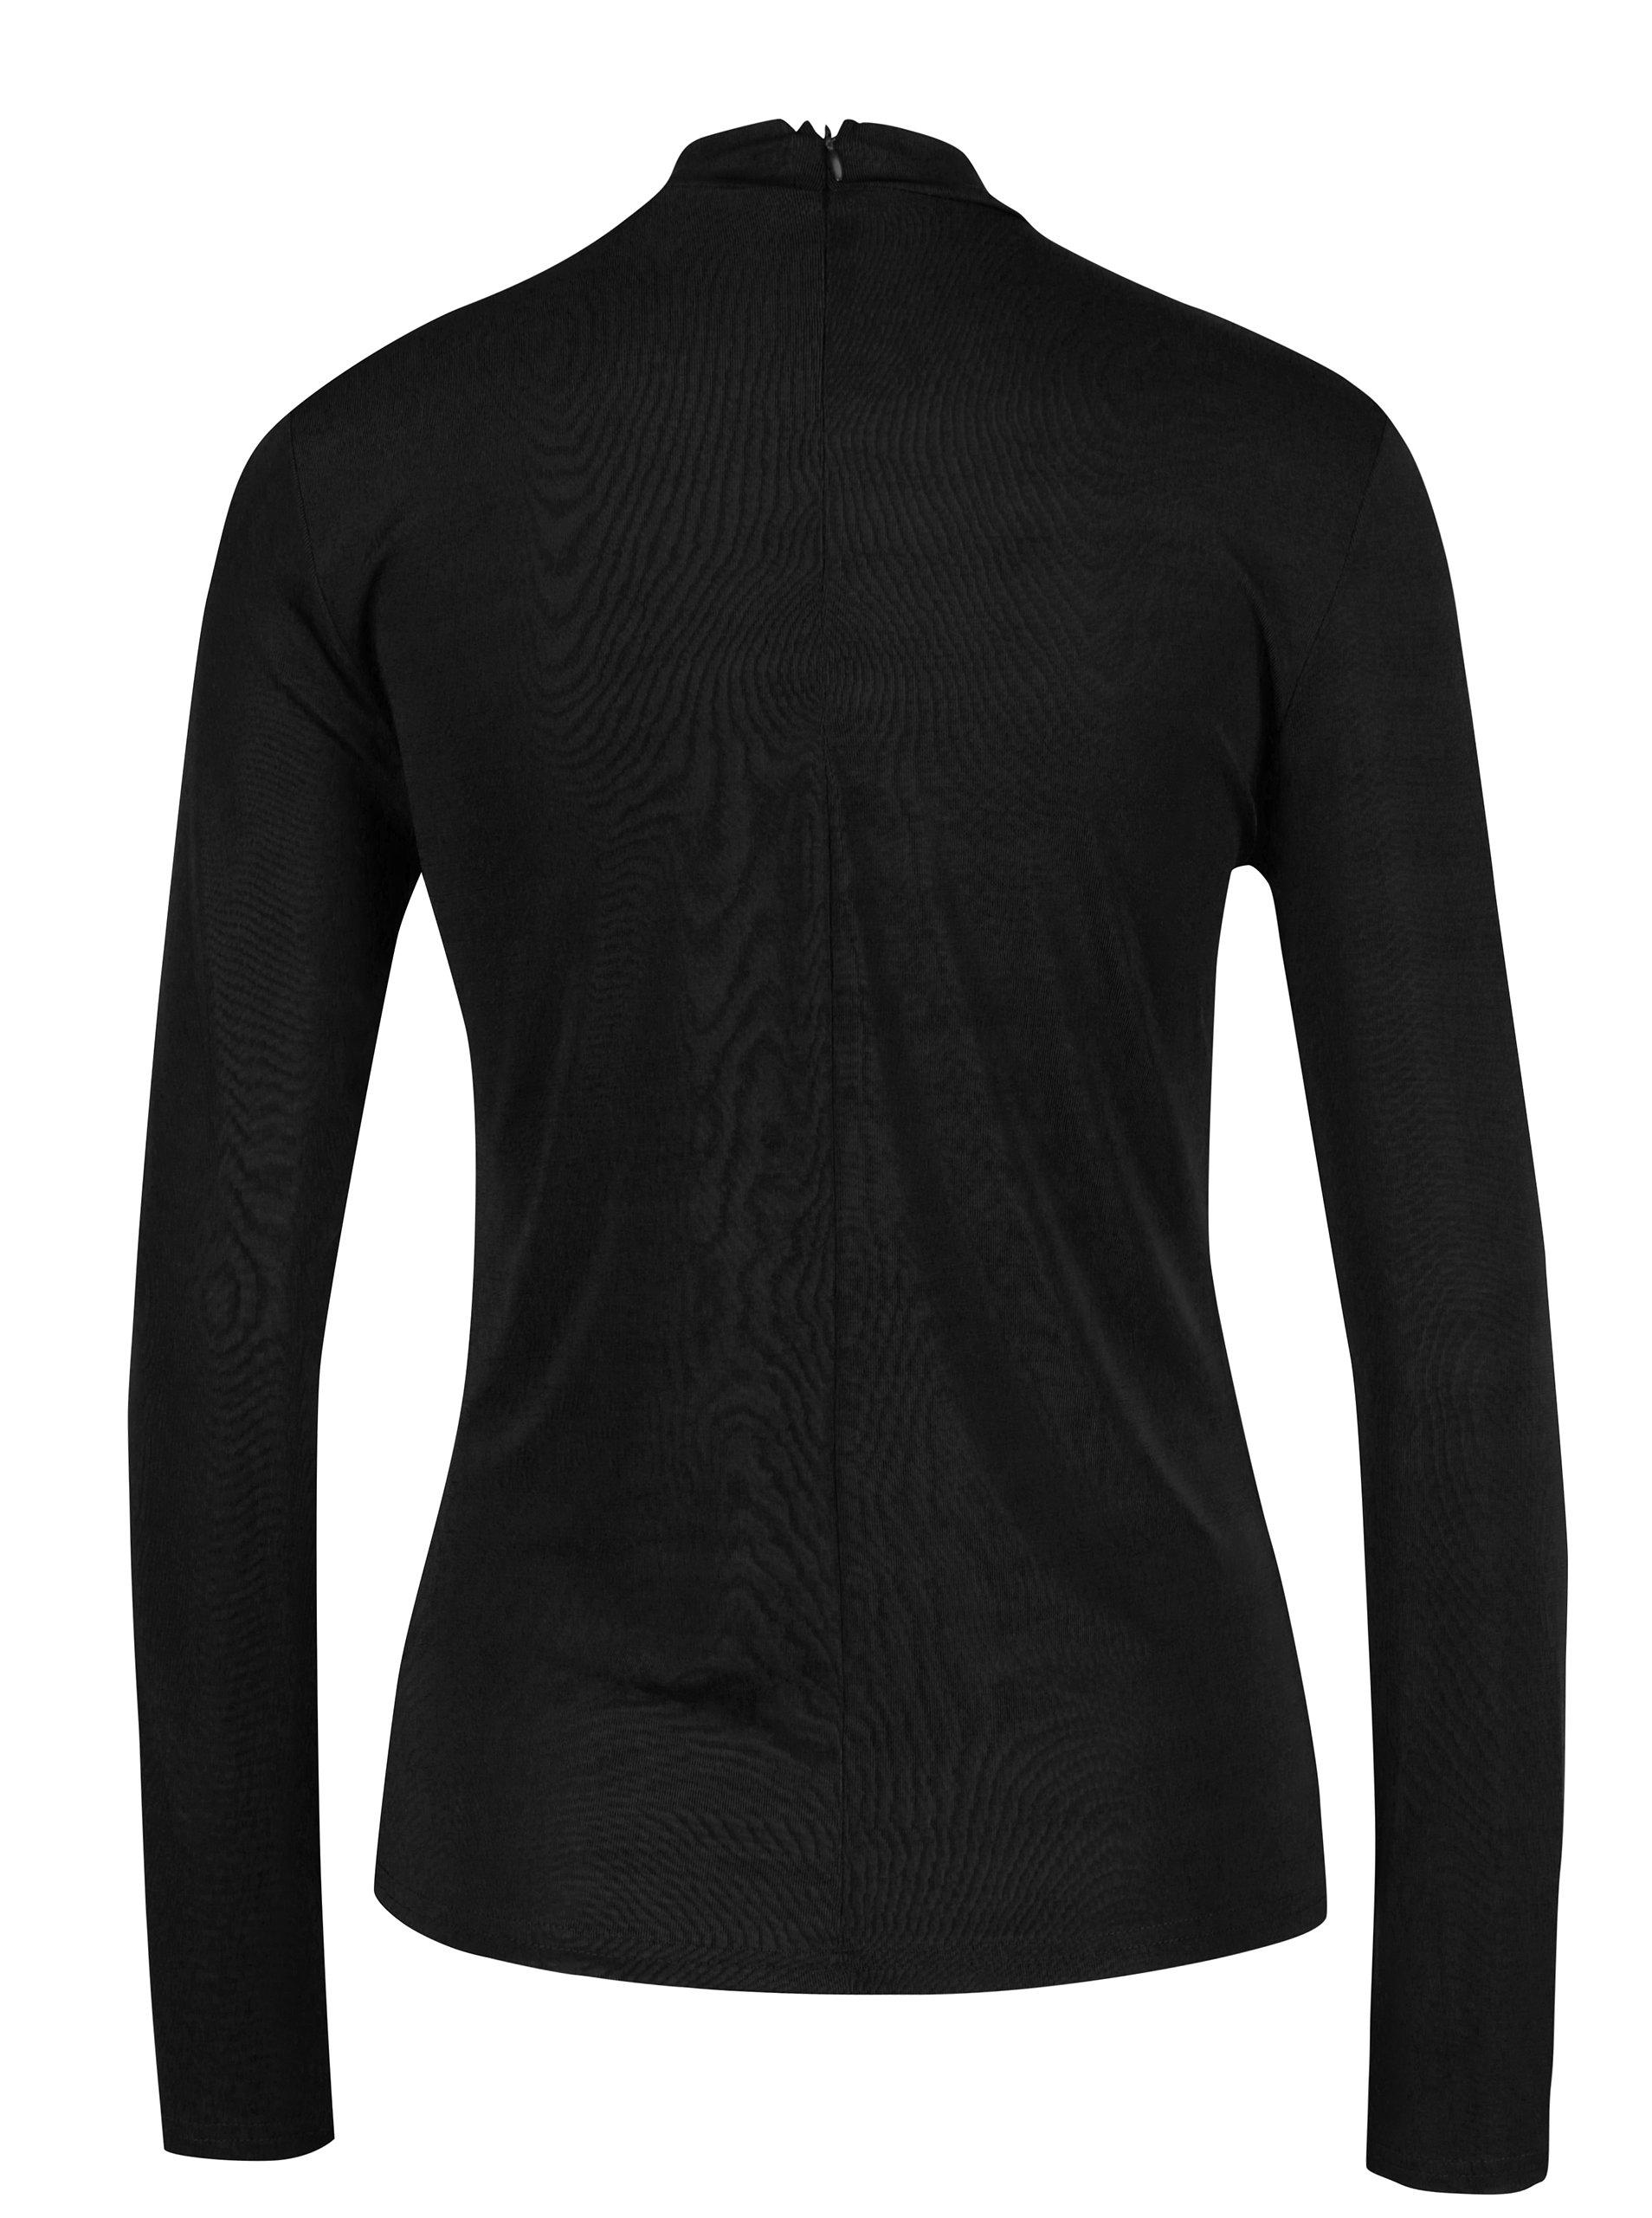 Černé tričko s průstřihem v dekoltu VERO MODA Jennie ... 9ce6110a24